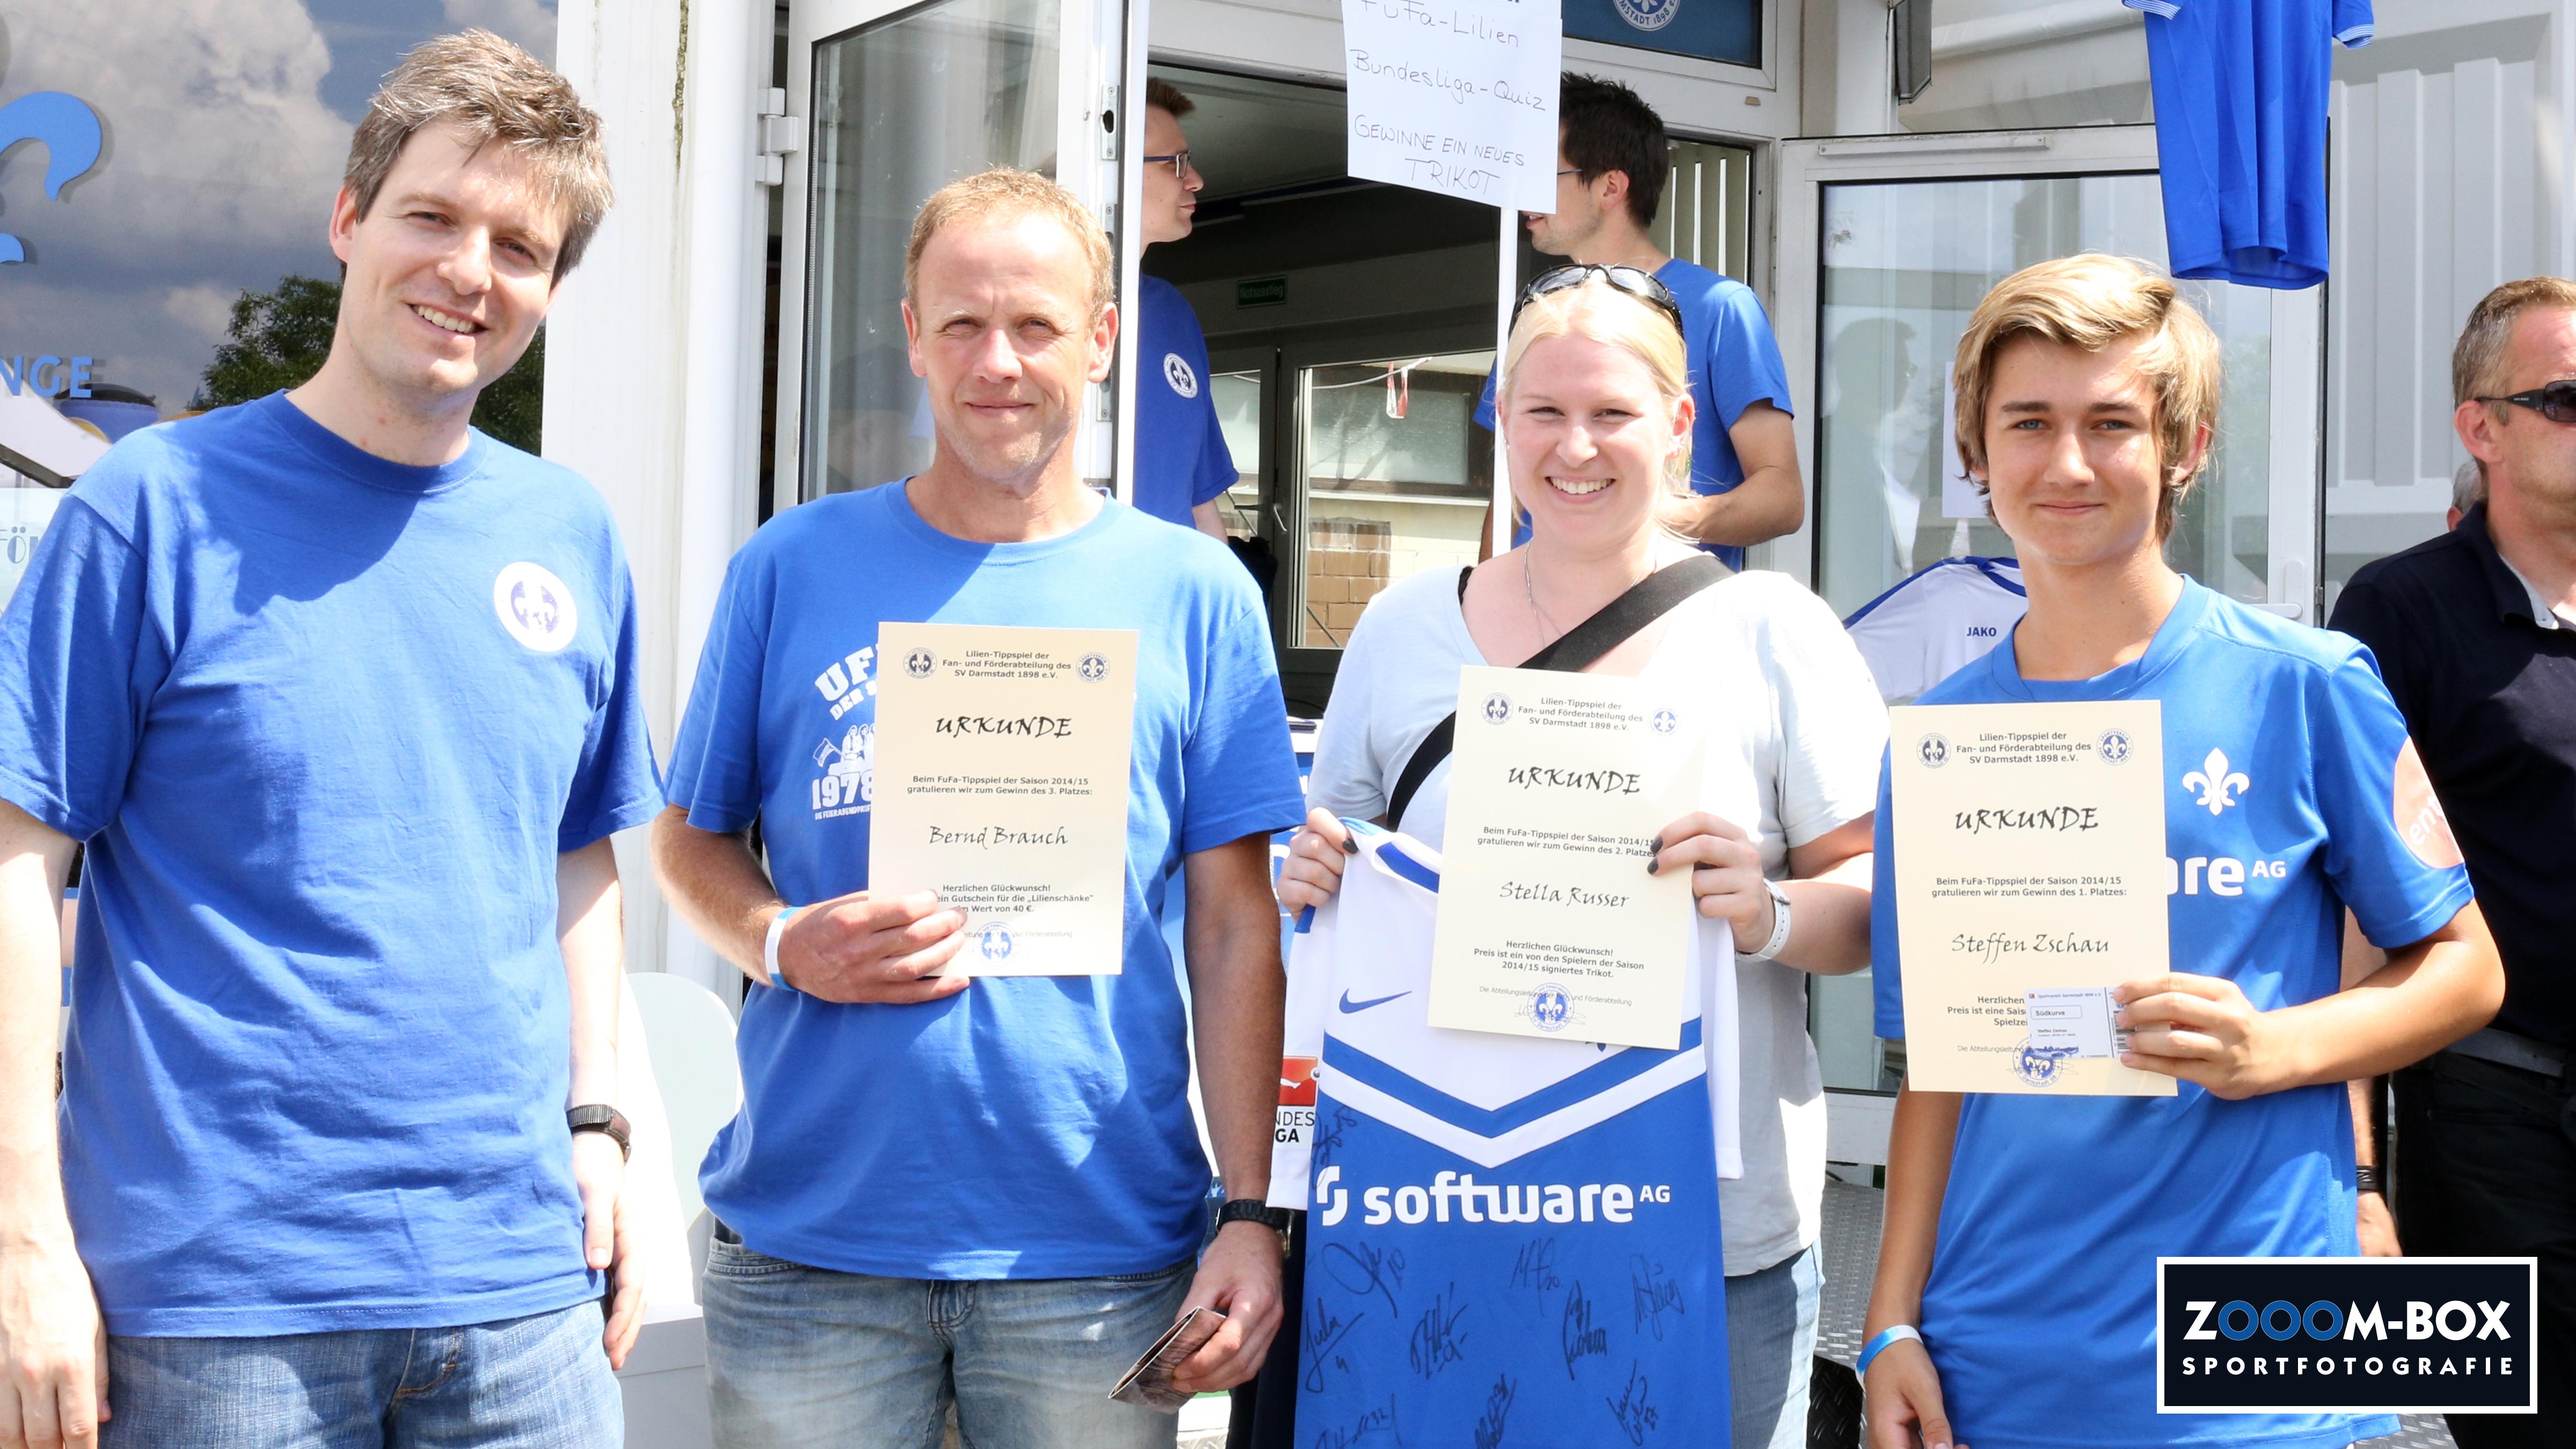 FuFa-Tippspiel: Preise übergeben   FuFa SV Darmstadt 98